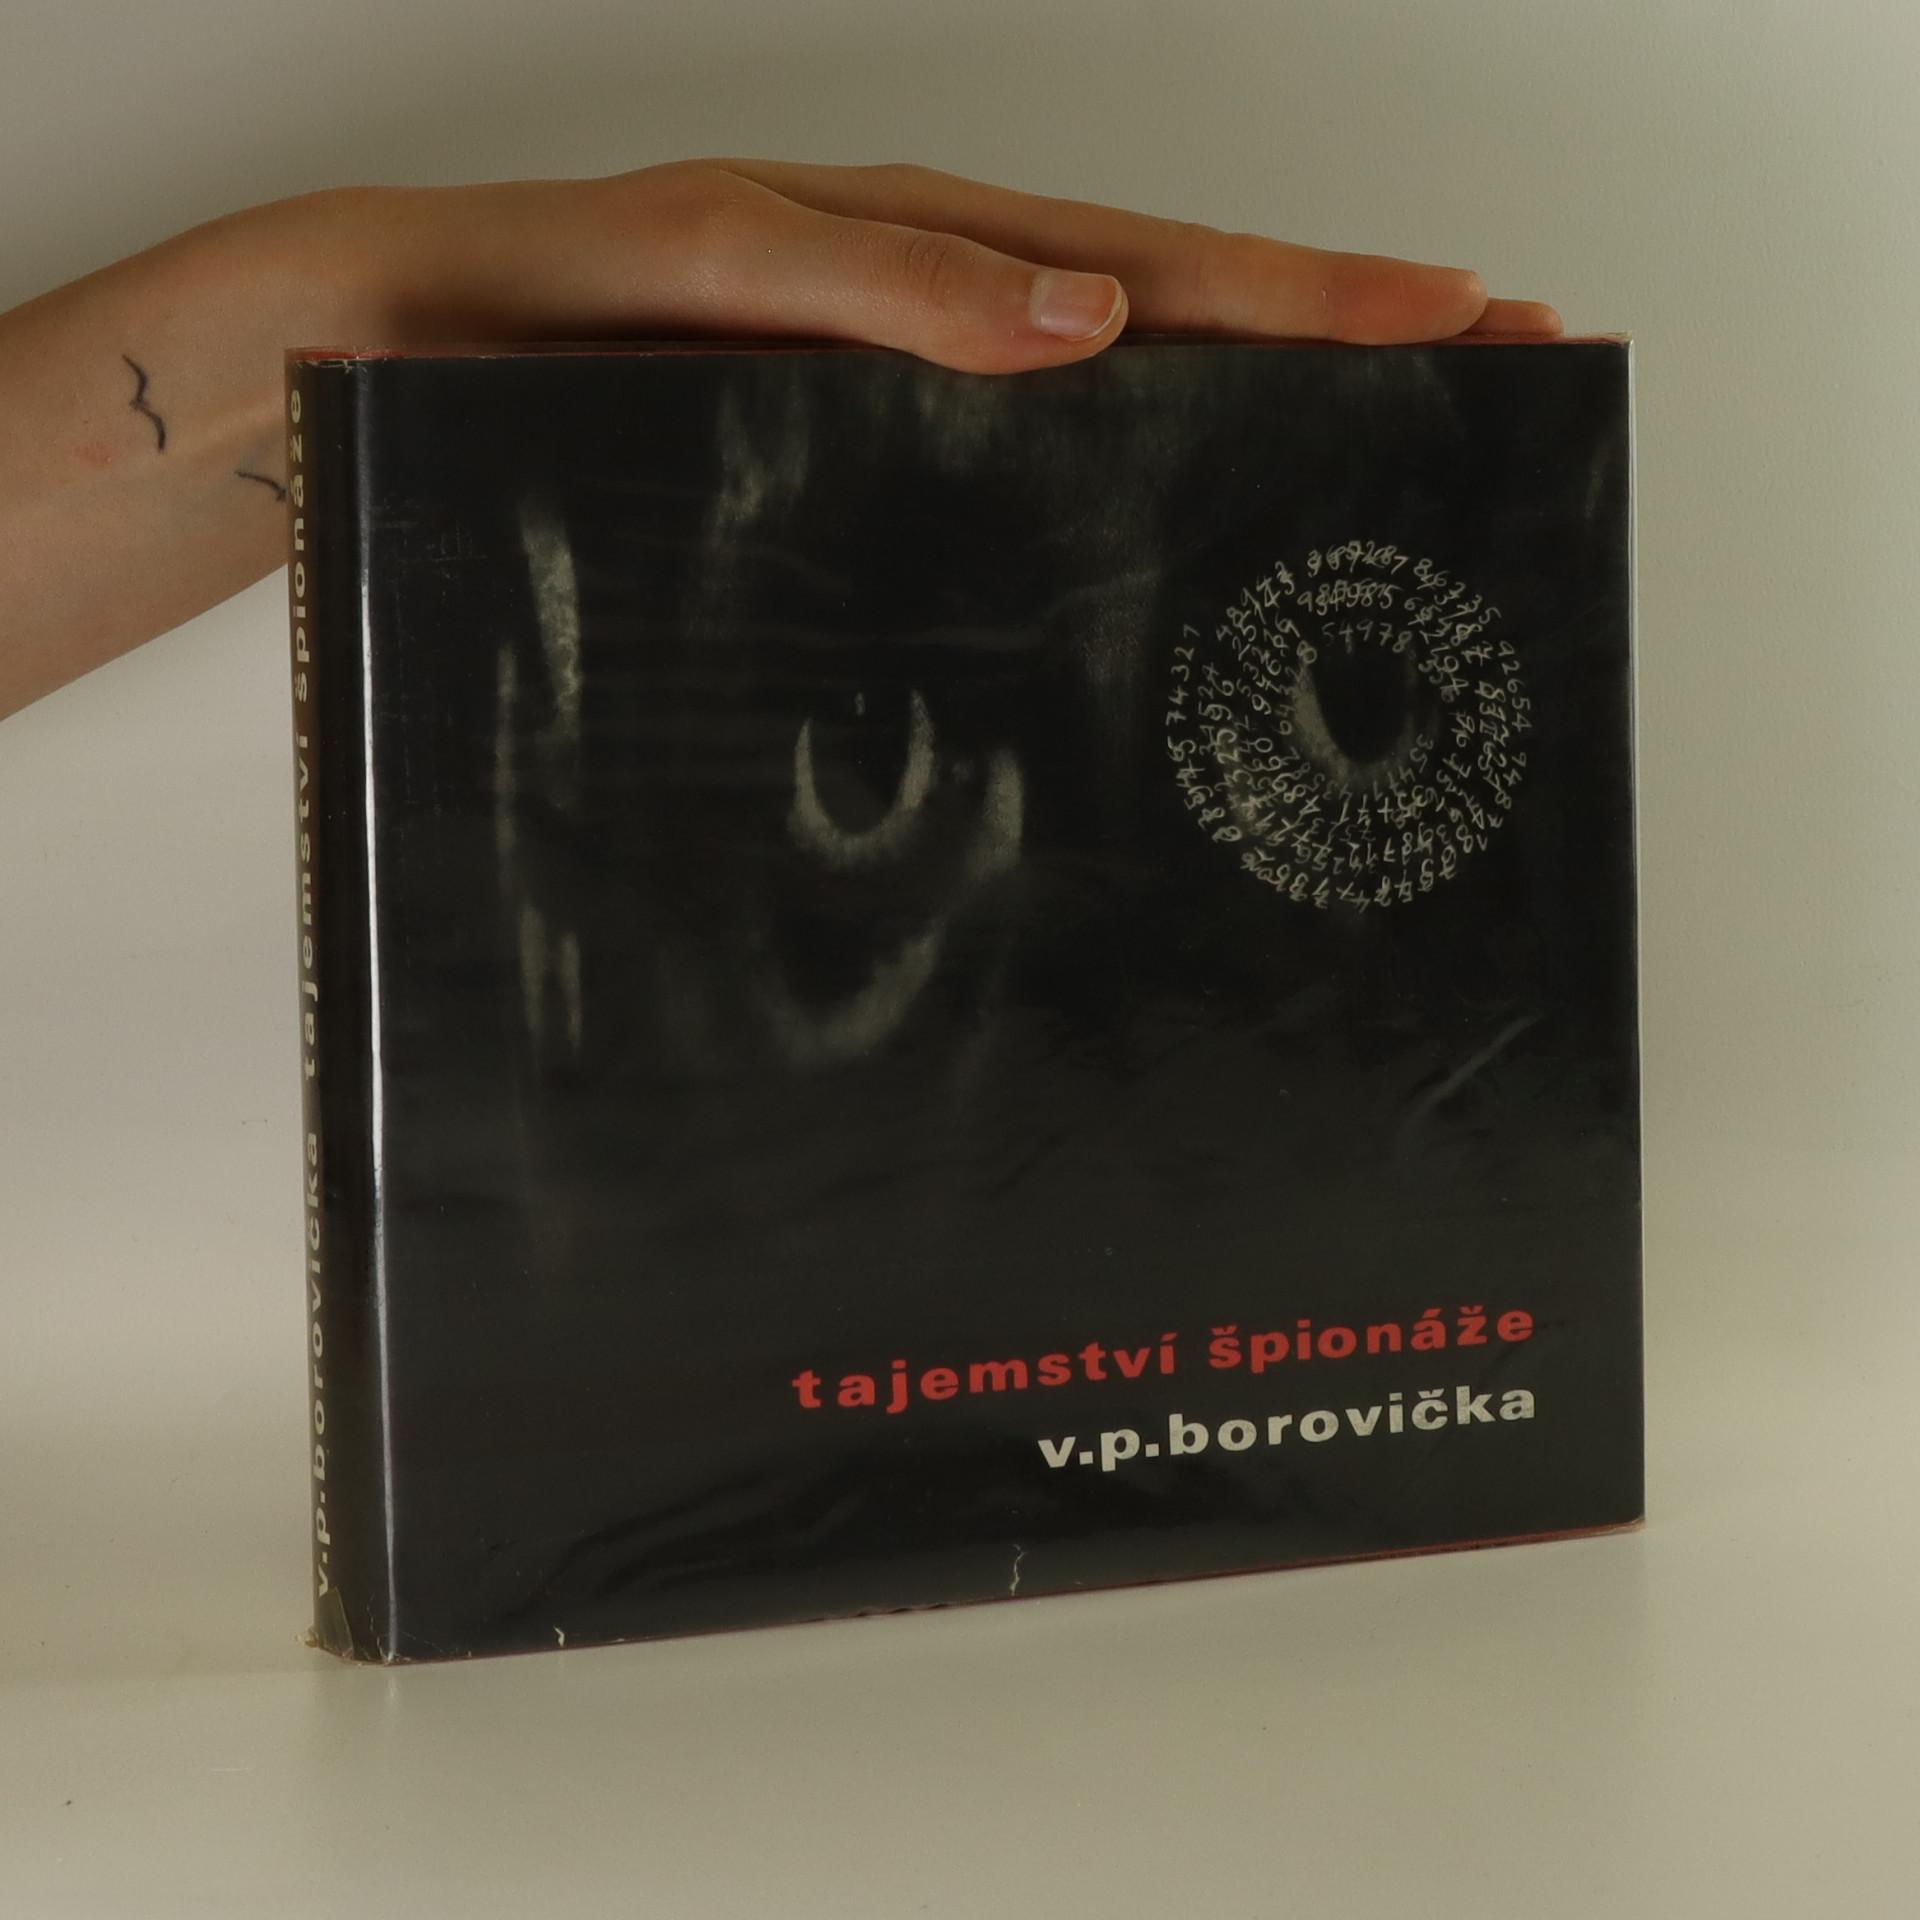 antikvární kniha Tajemství špionáže, 1969